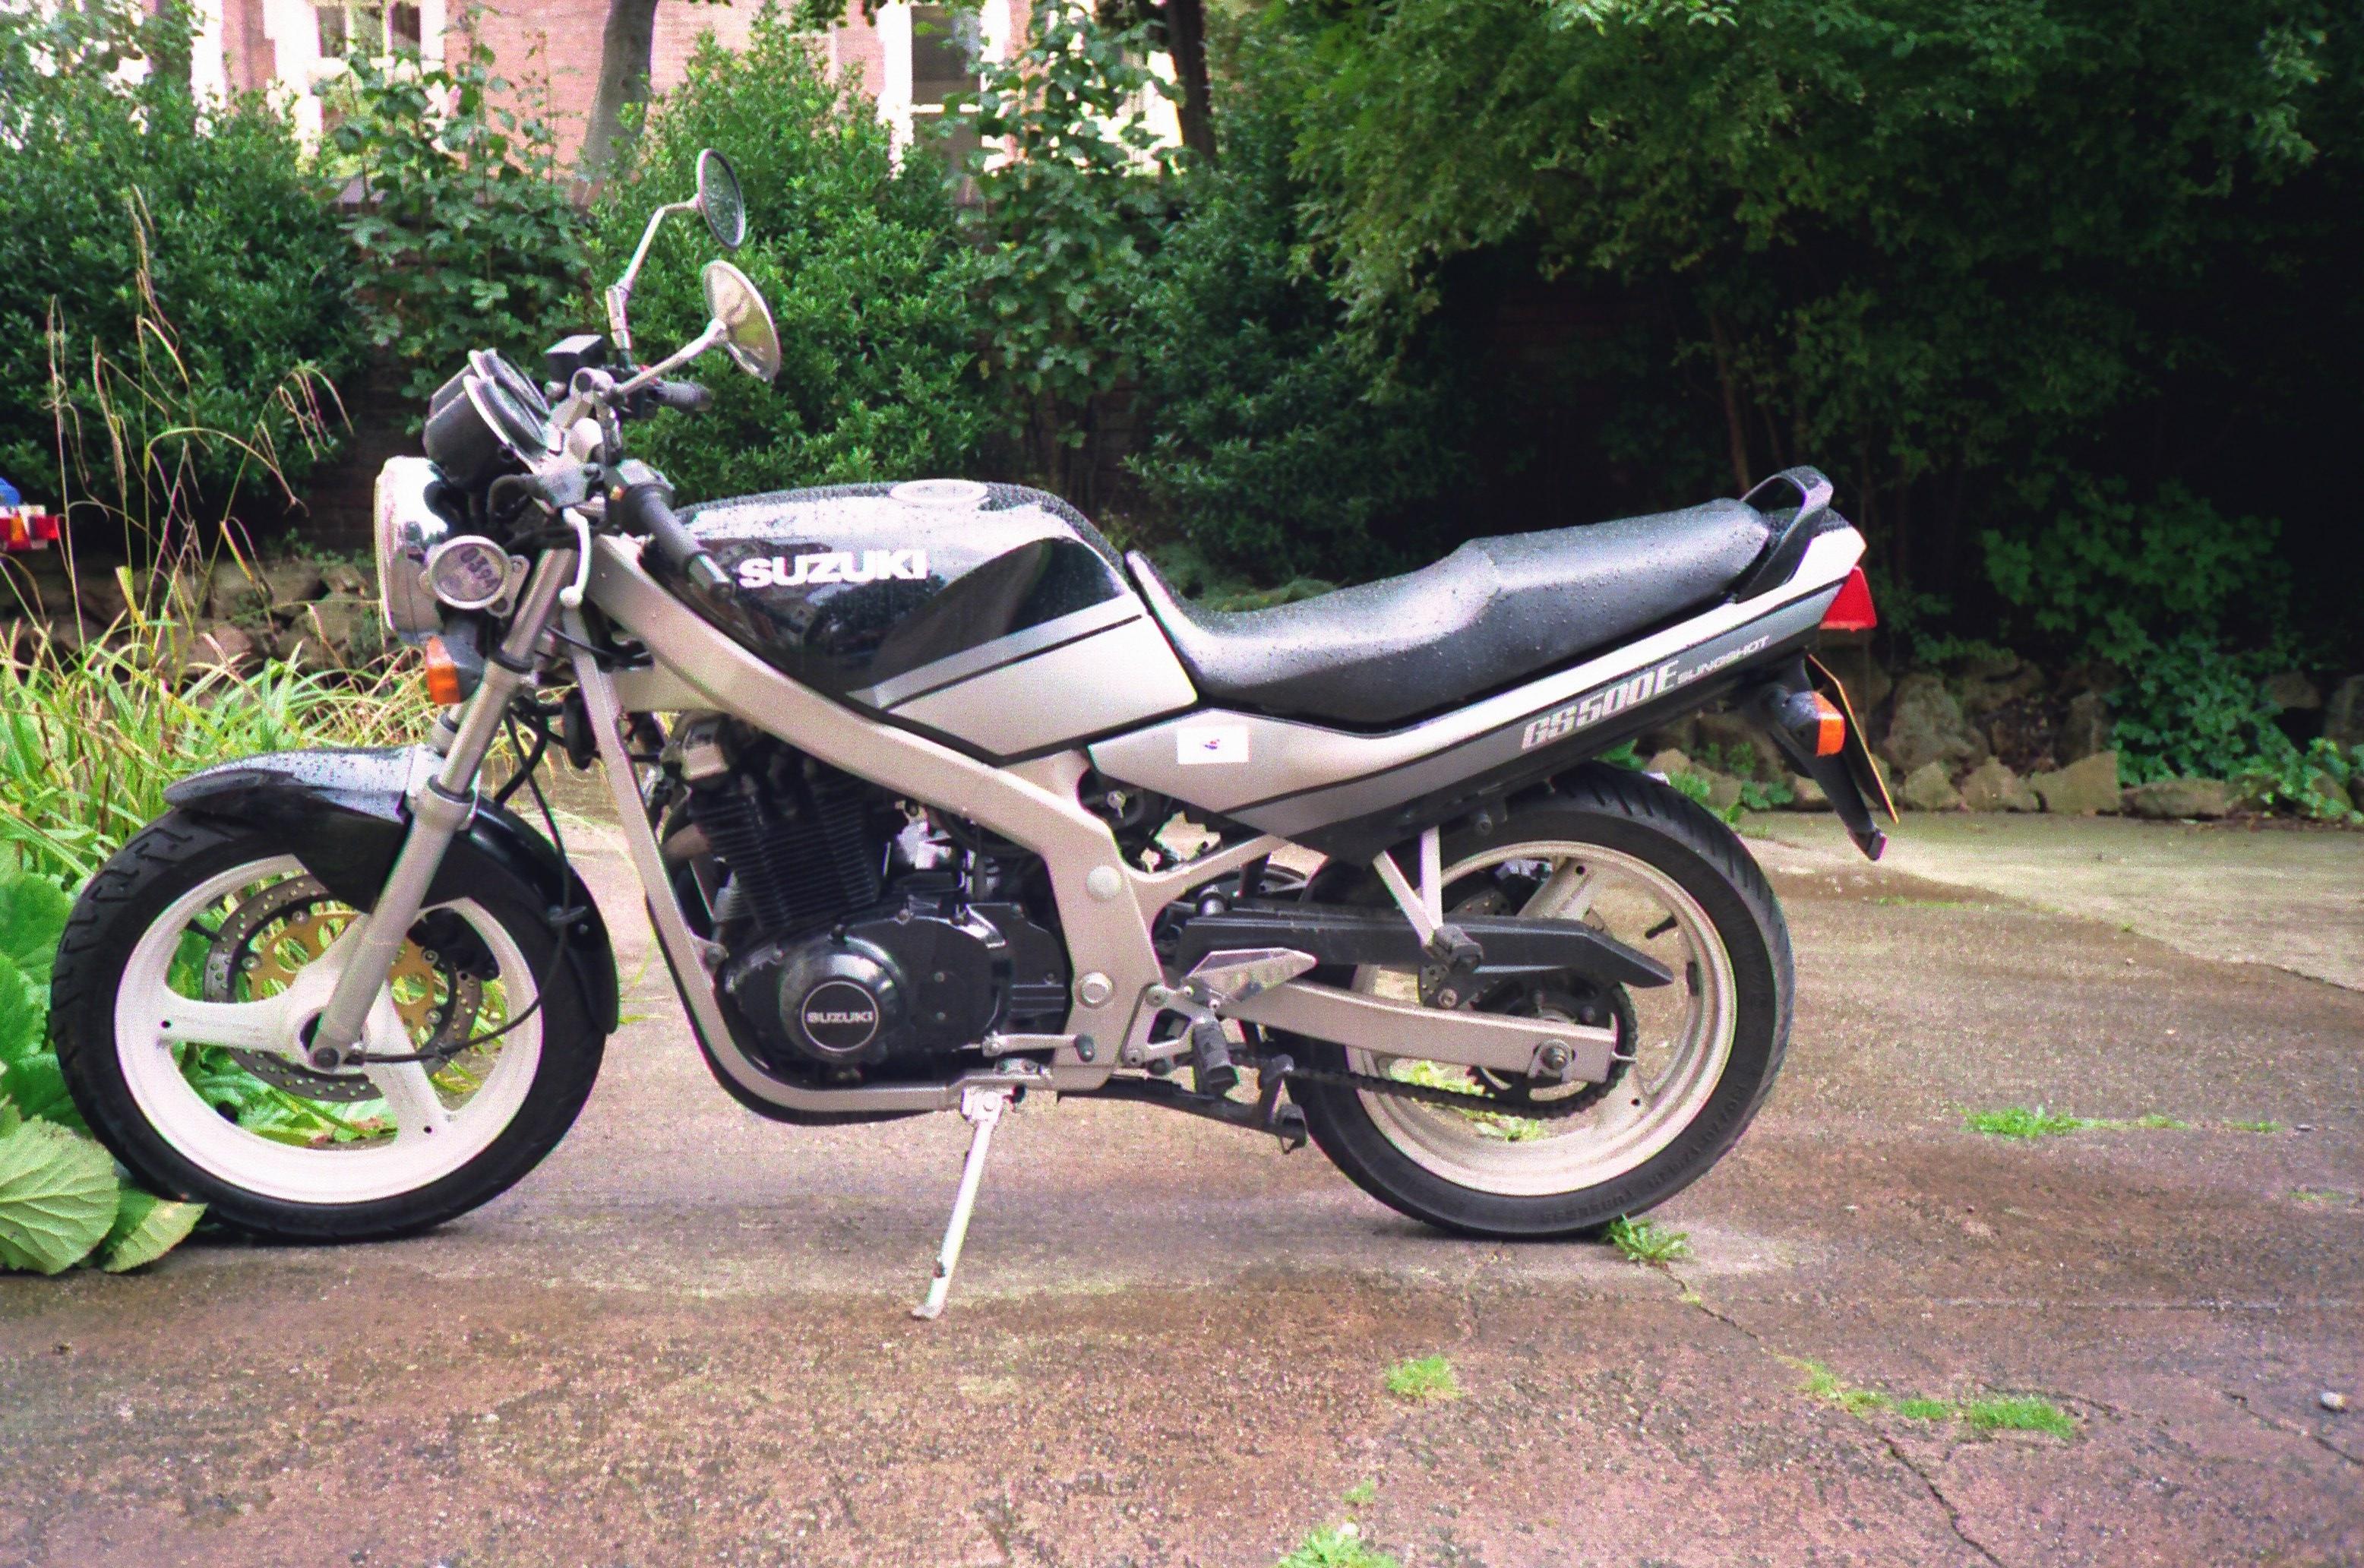 1989 2009 suzuki gs500 service repair manual download